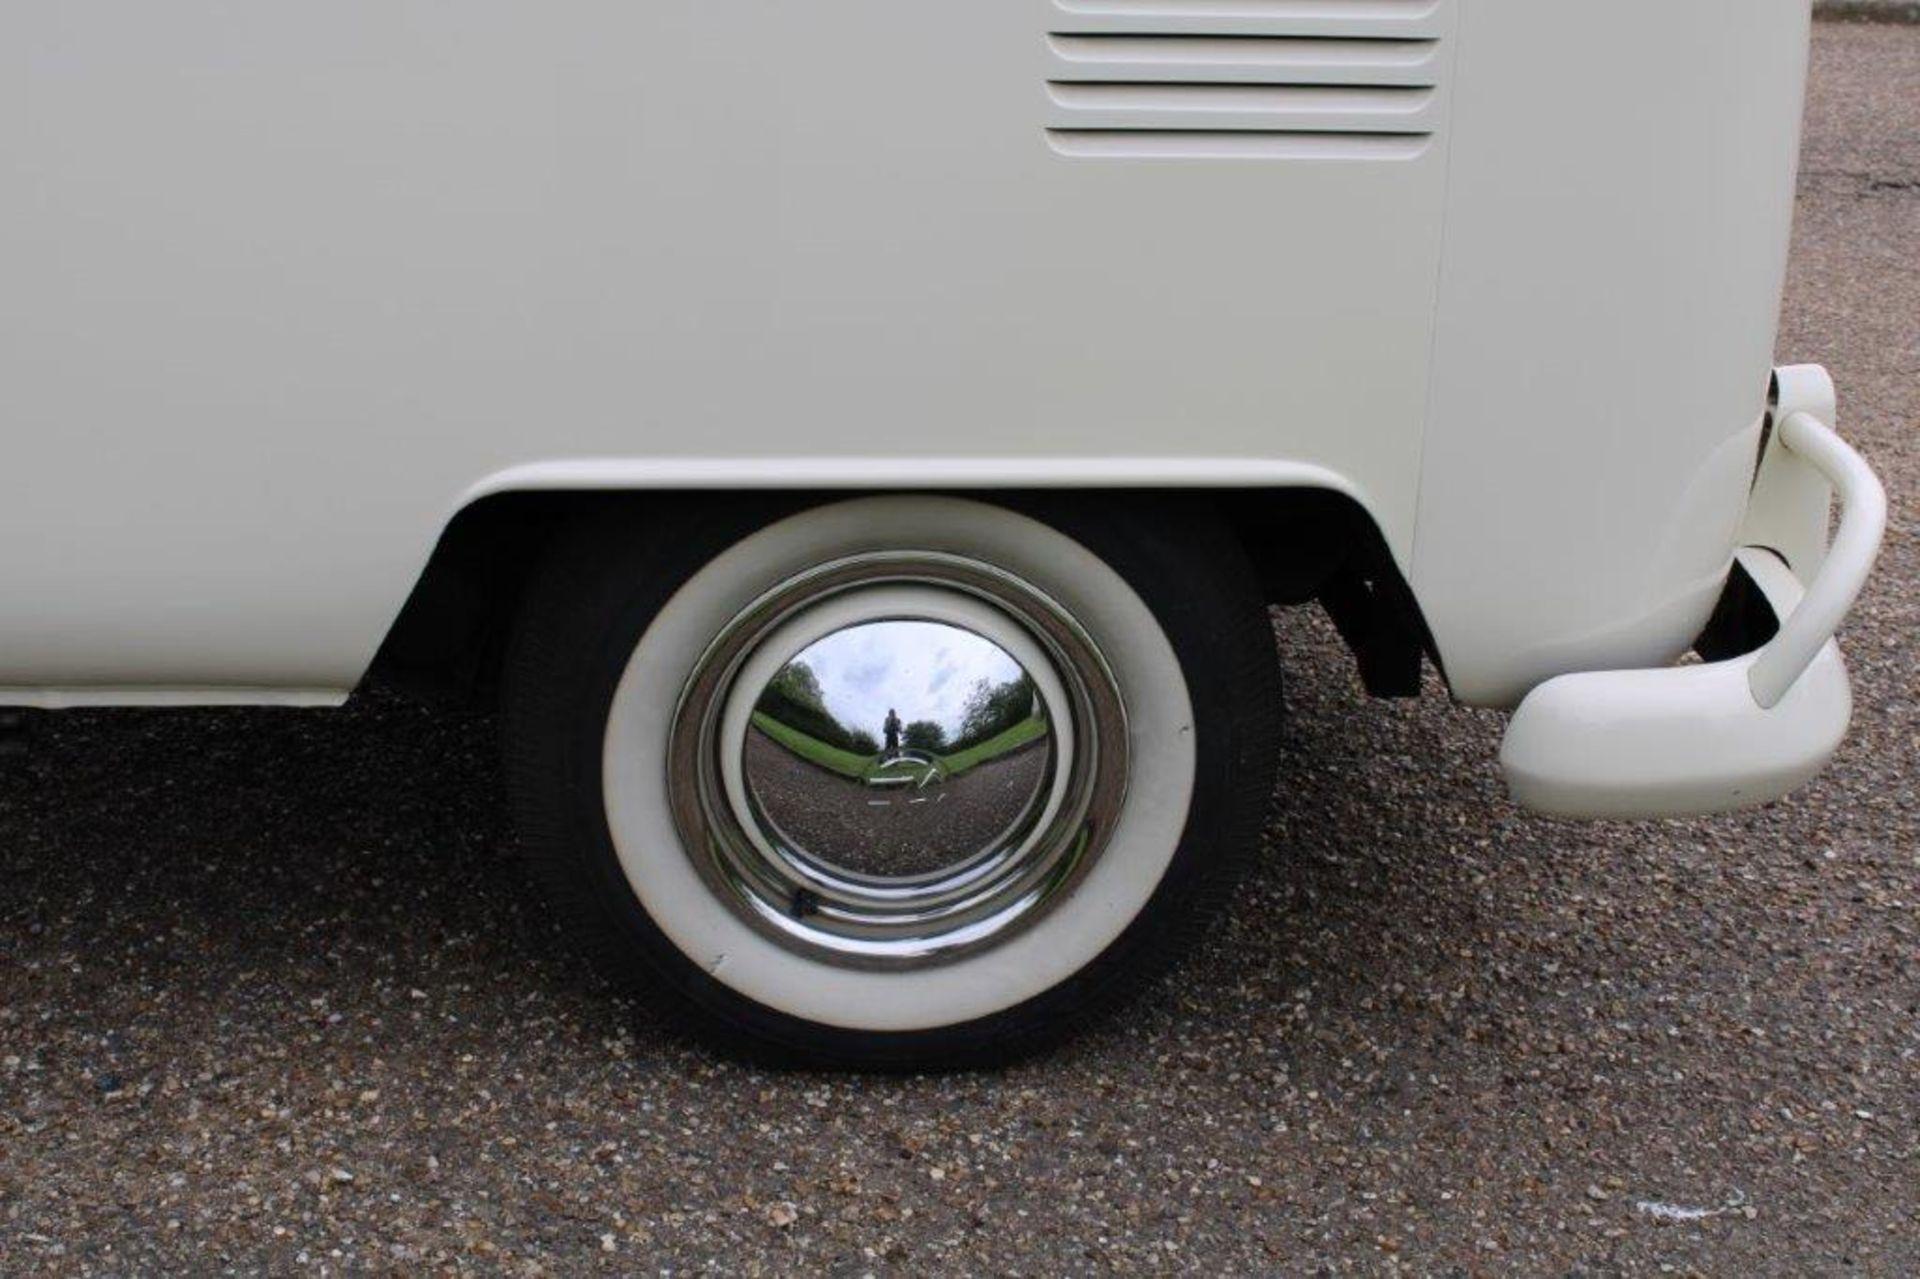 1966 Volkswagen Split Screen Camper LHD - Image 10 of 28